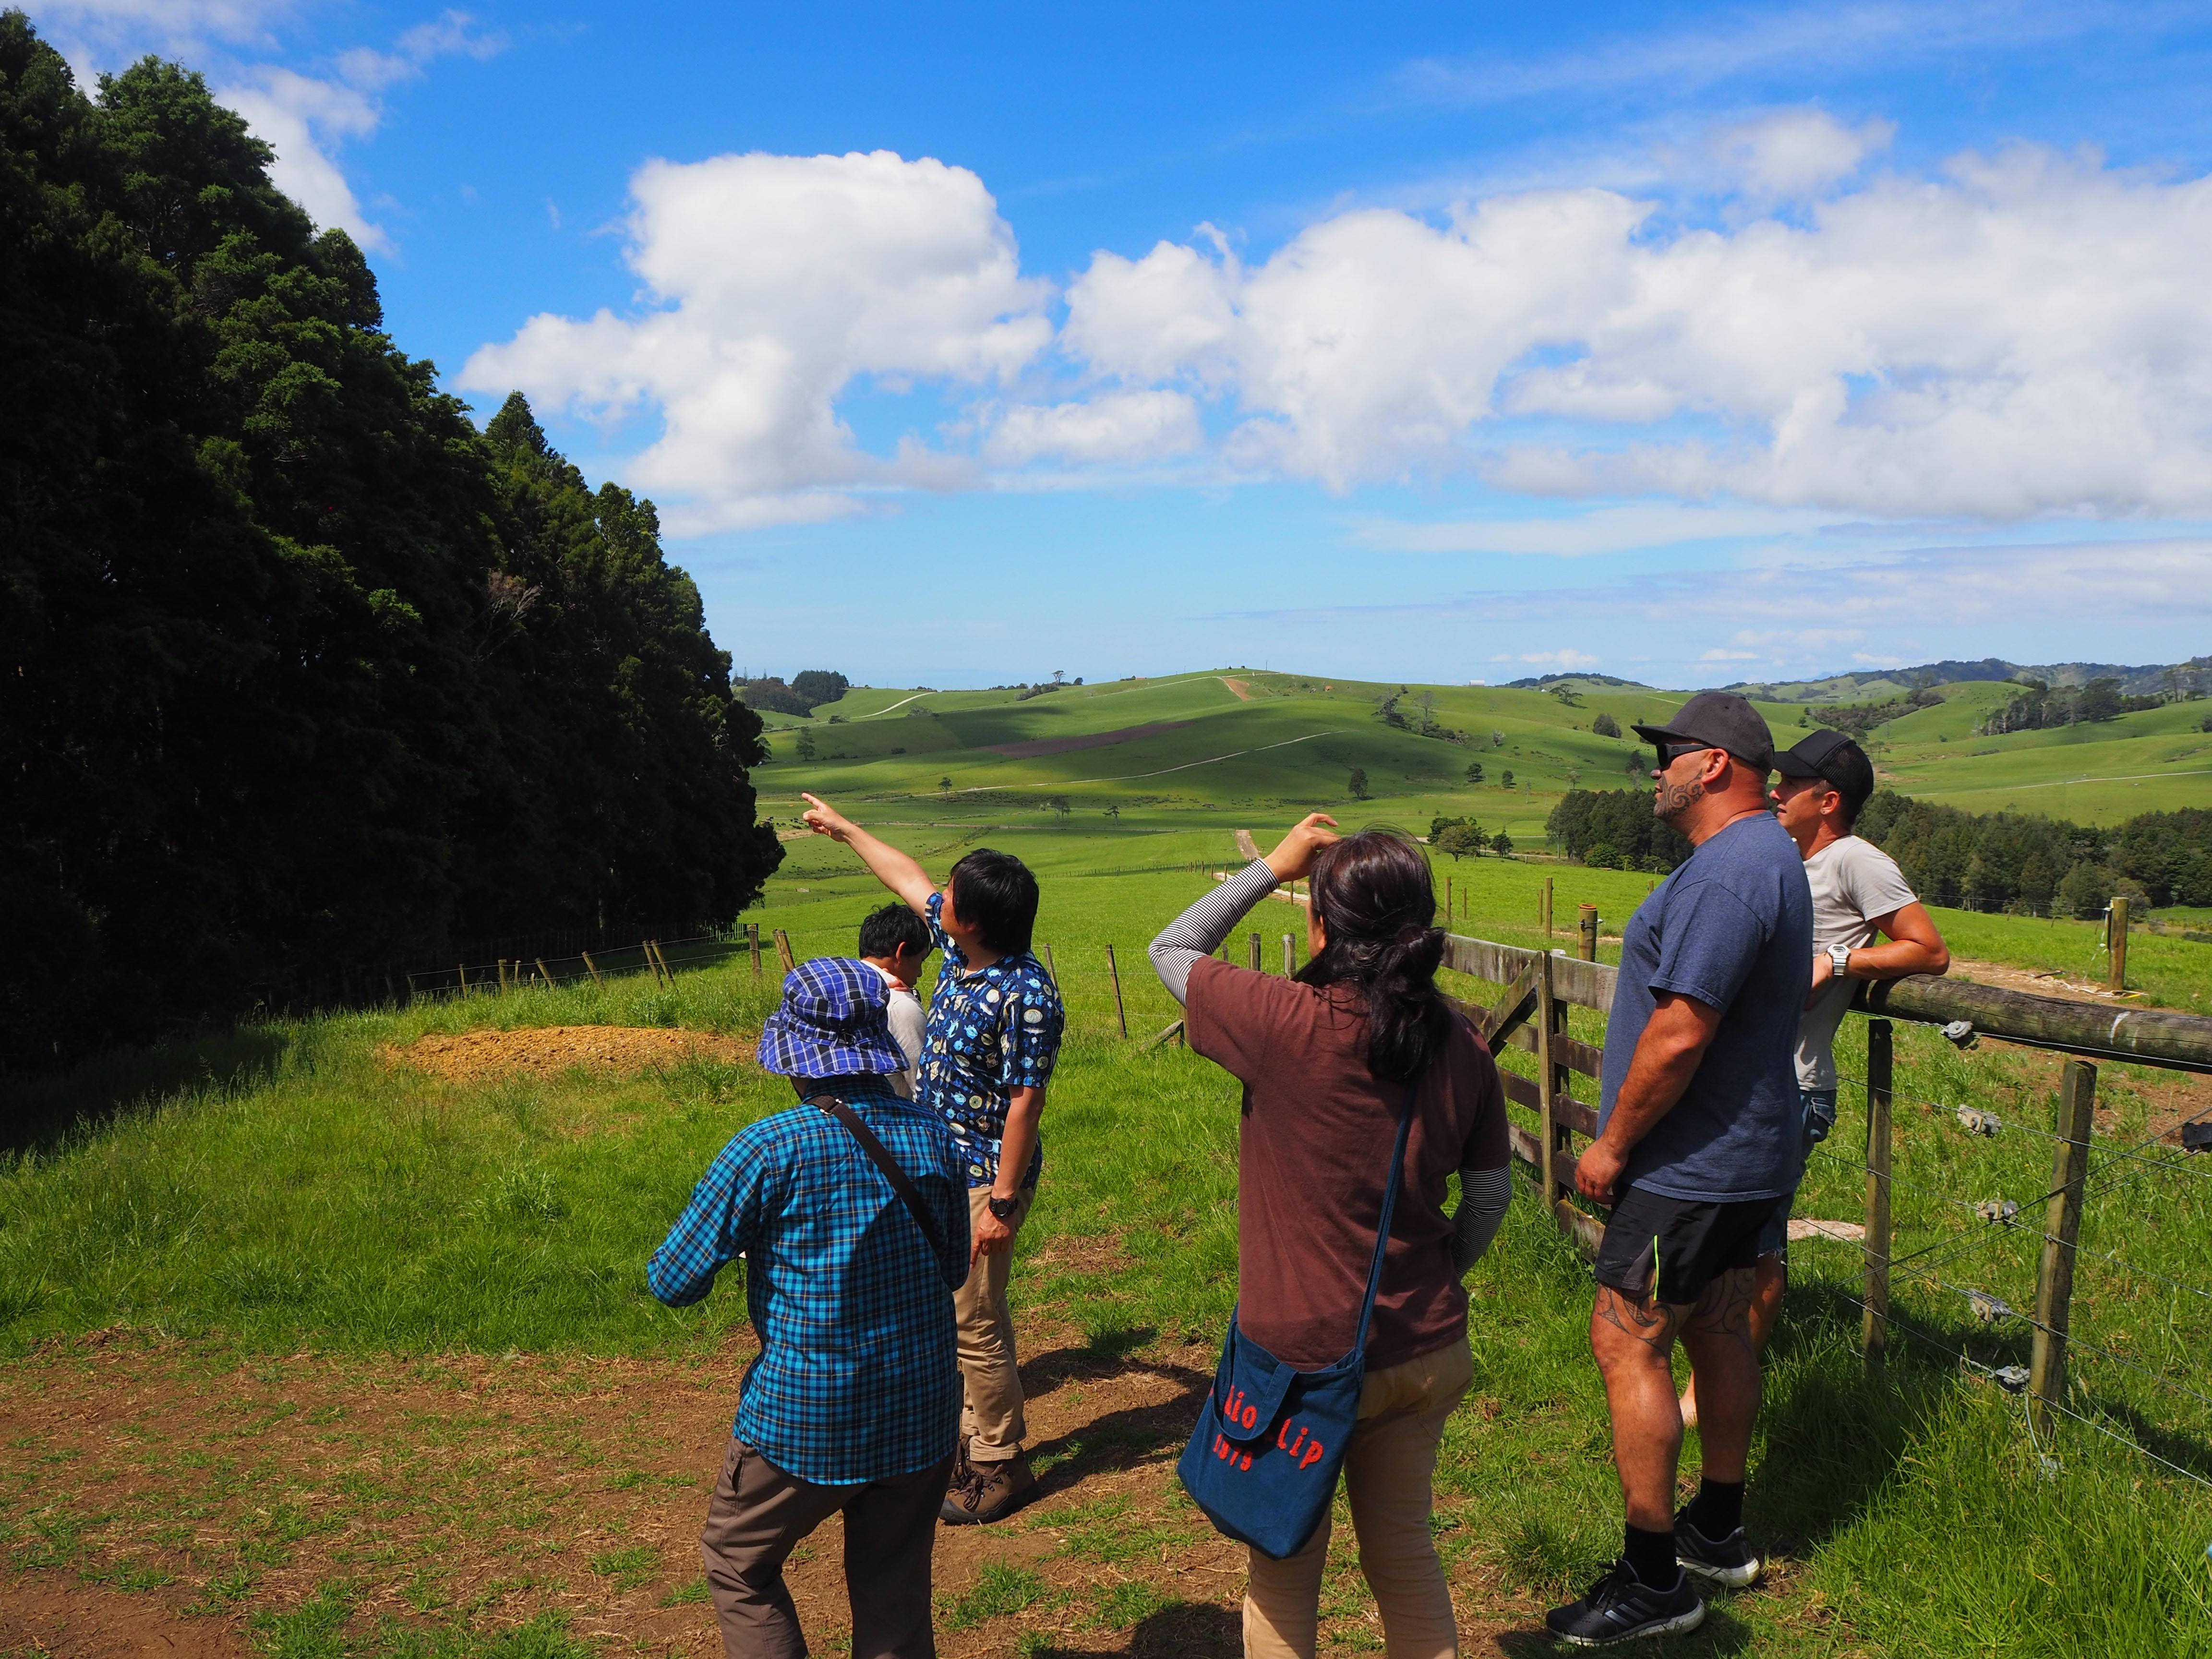 ニュージーランド自然教育のカンファレンスに参加ツアーのお知らせ